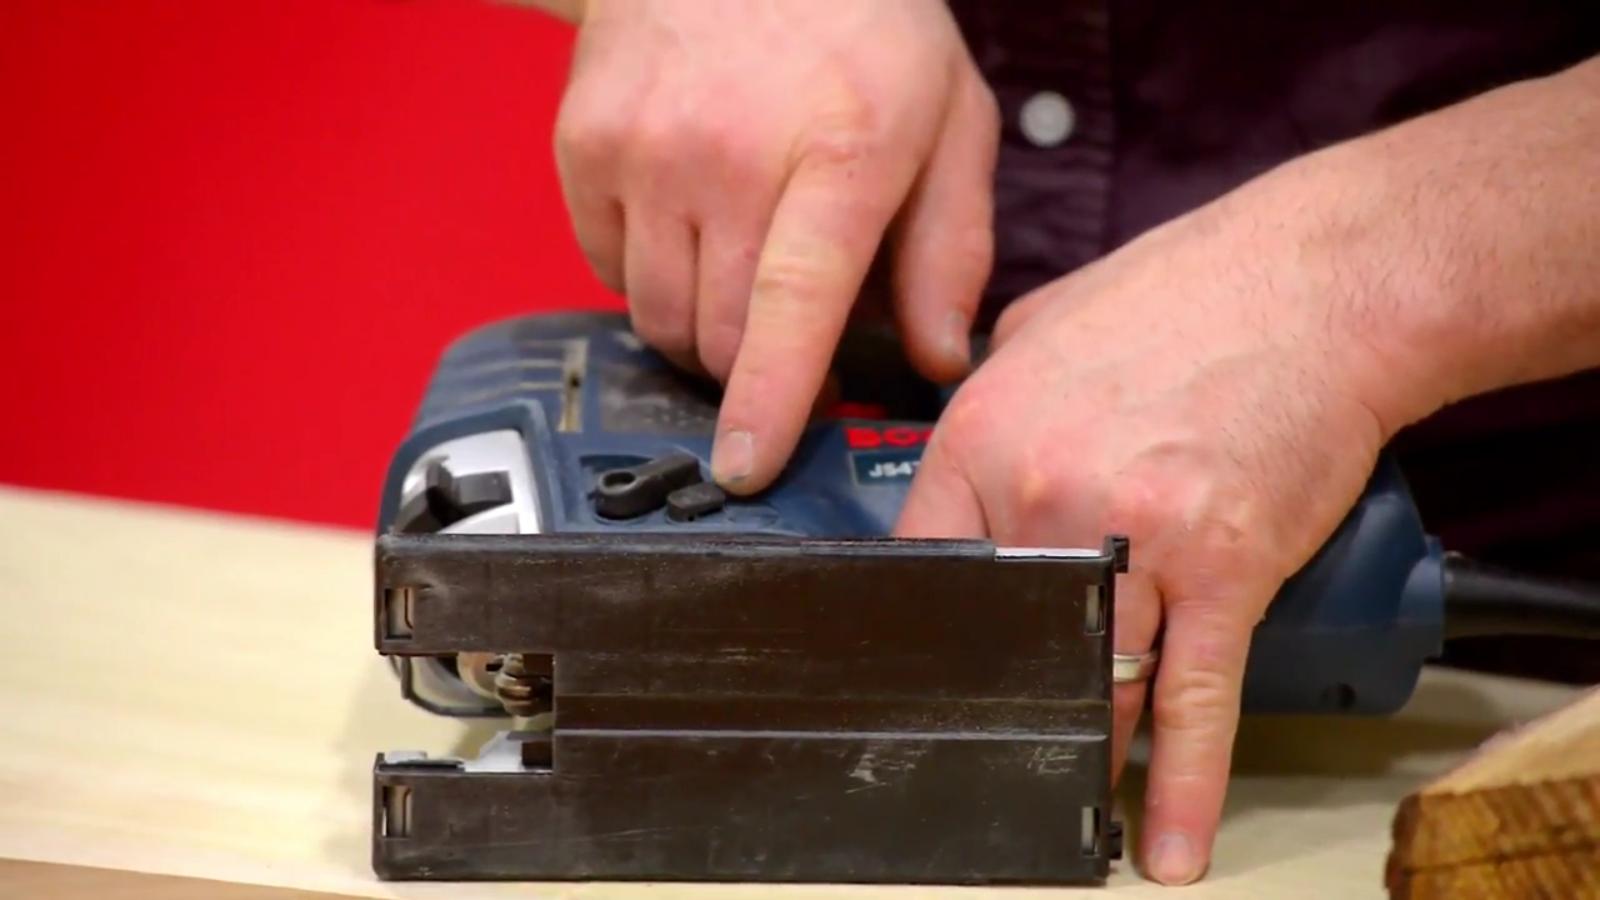 bosch jigsaw easy adjustments